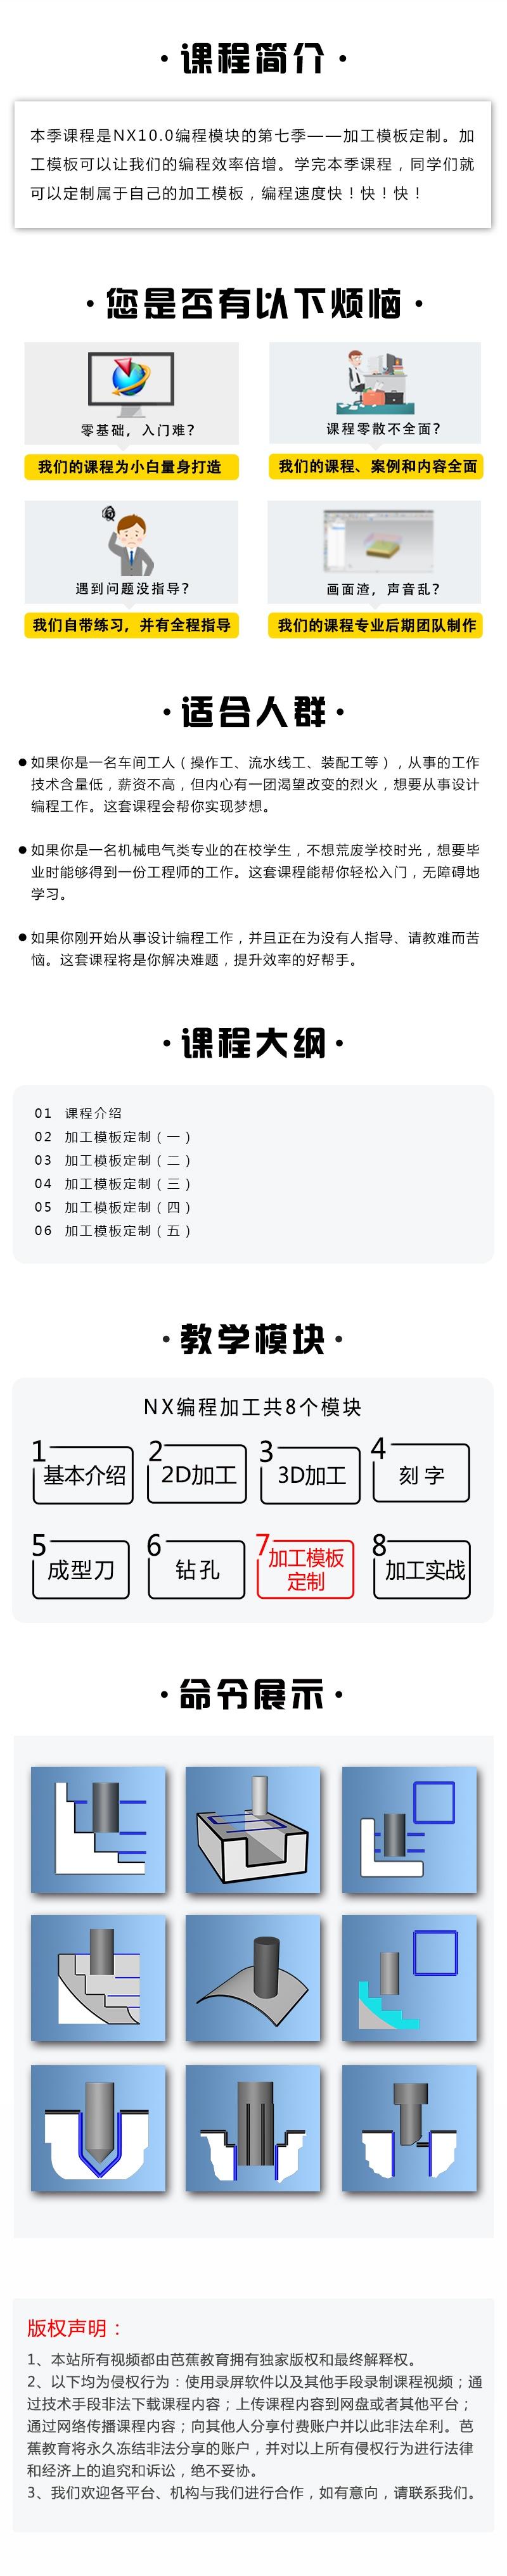 芭蕉第7季课程介绍.jpg